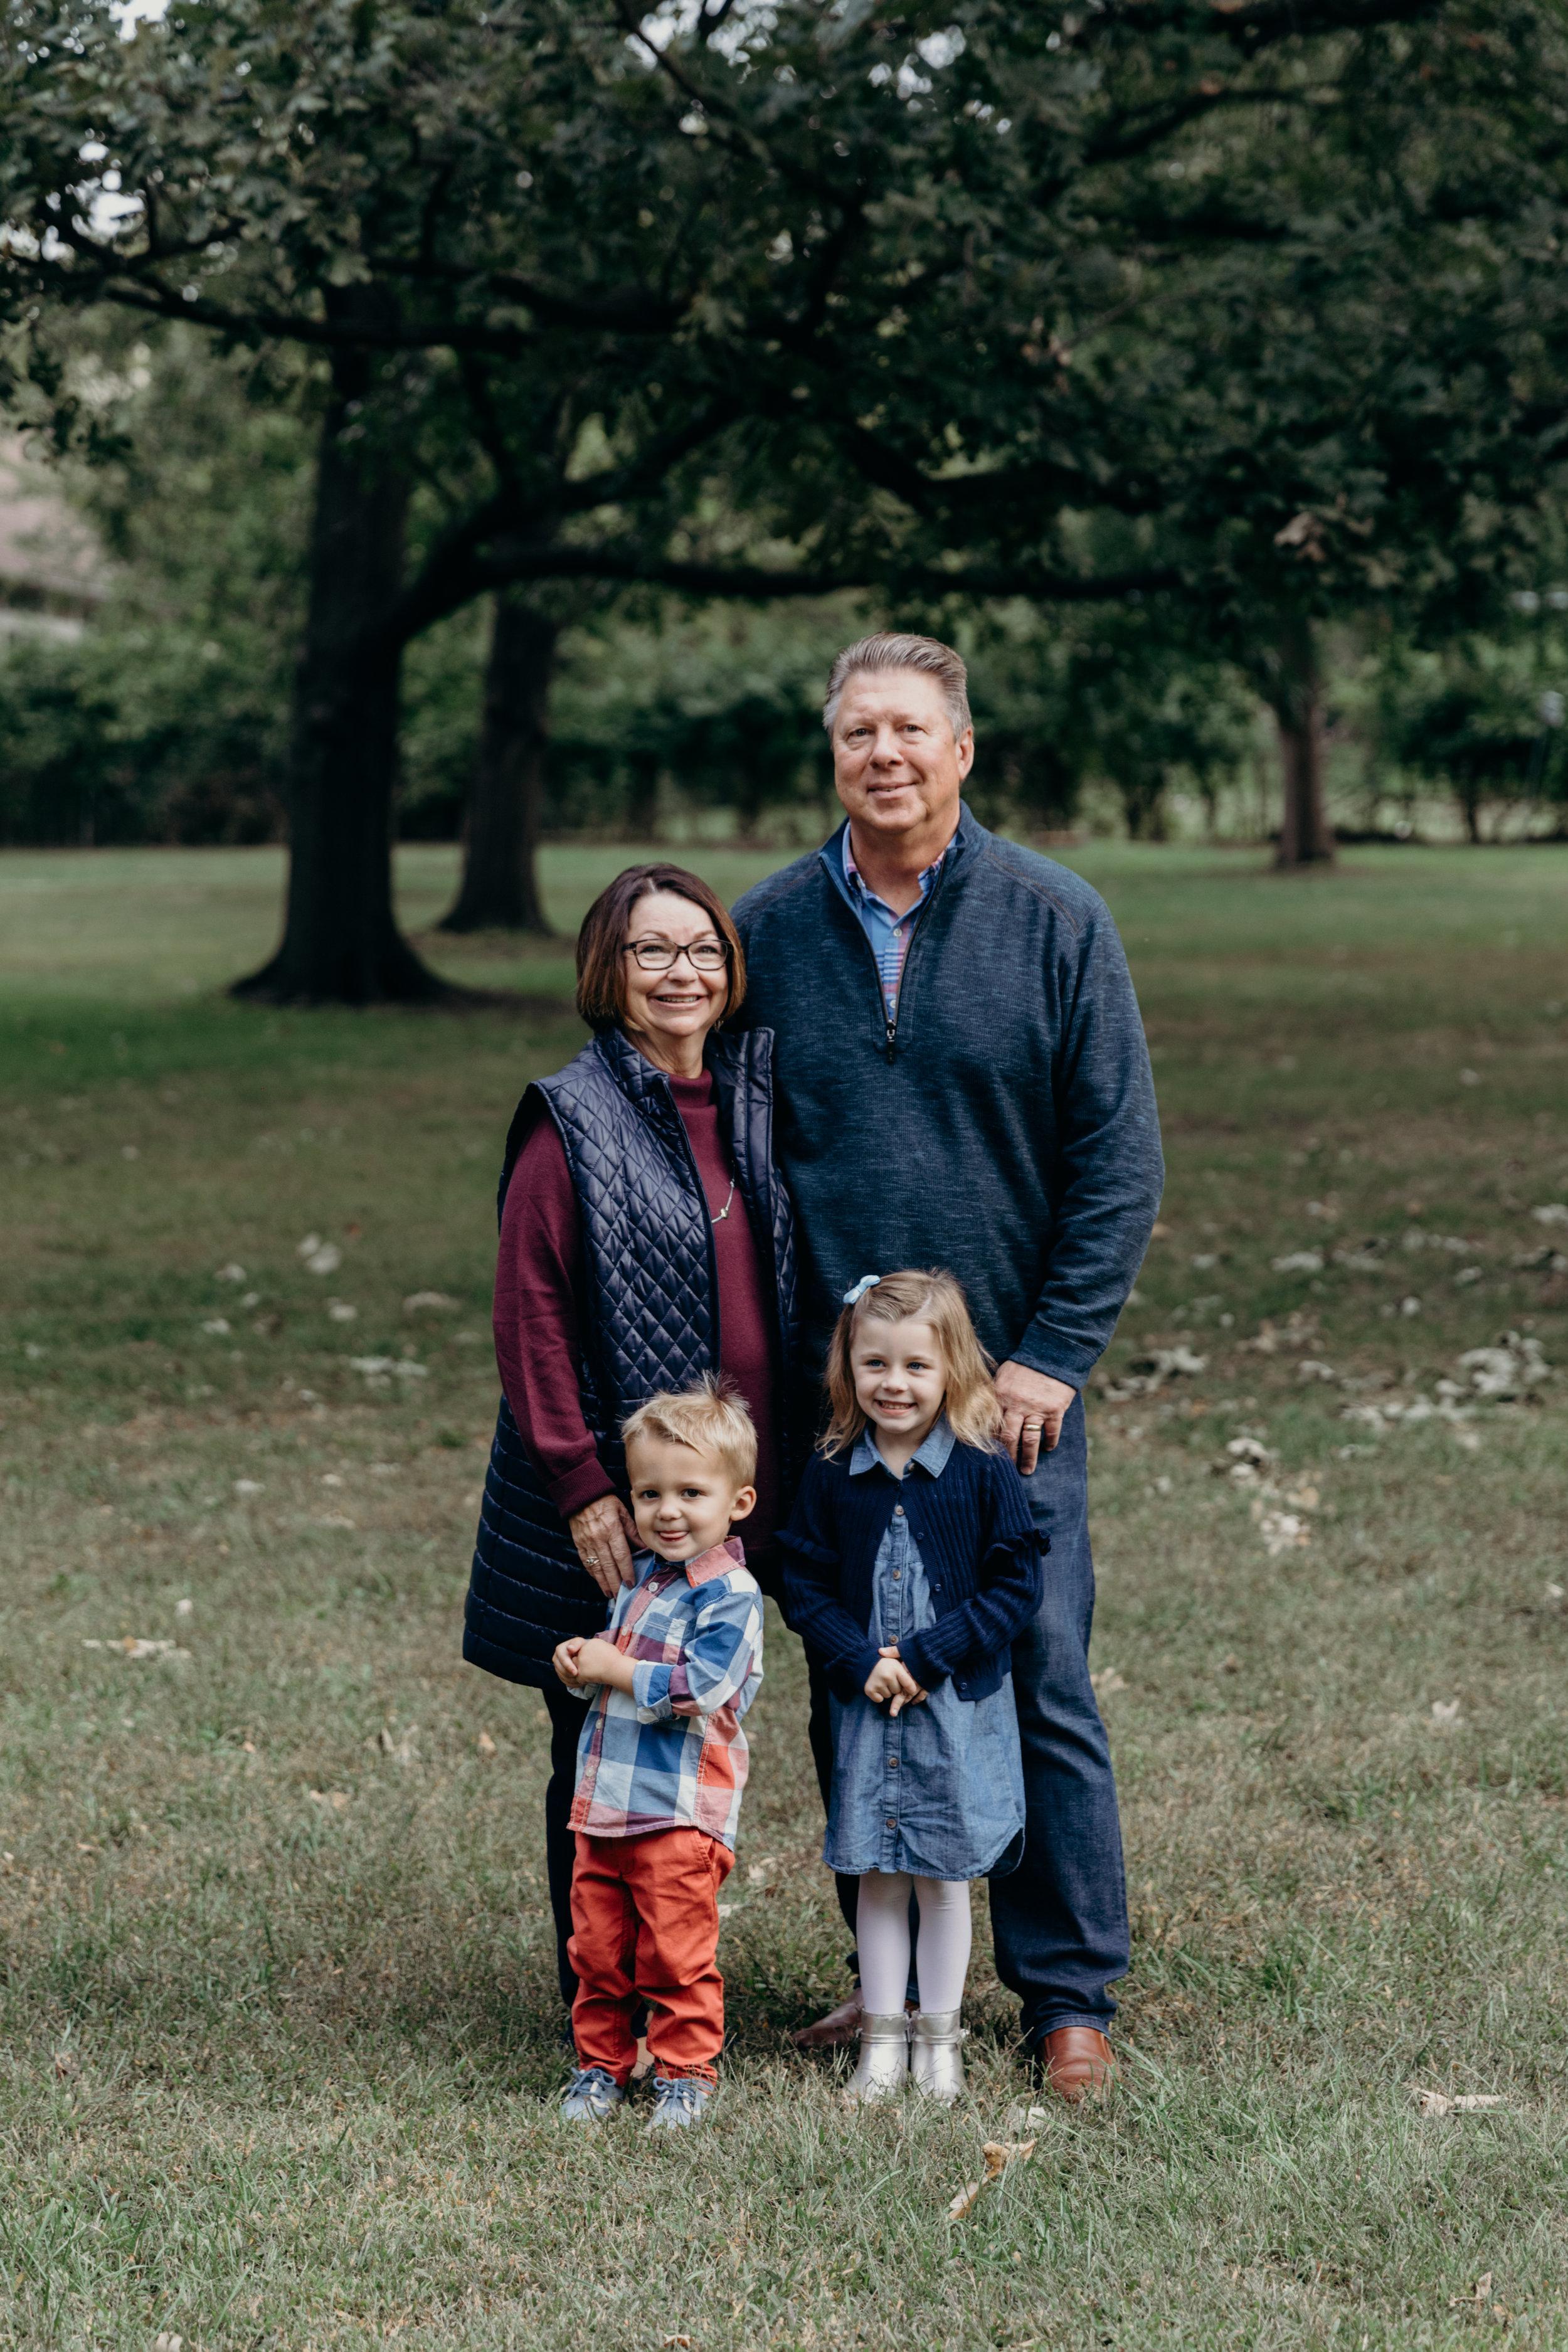 Will Family Antioch Park Session-10.jpg